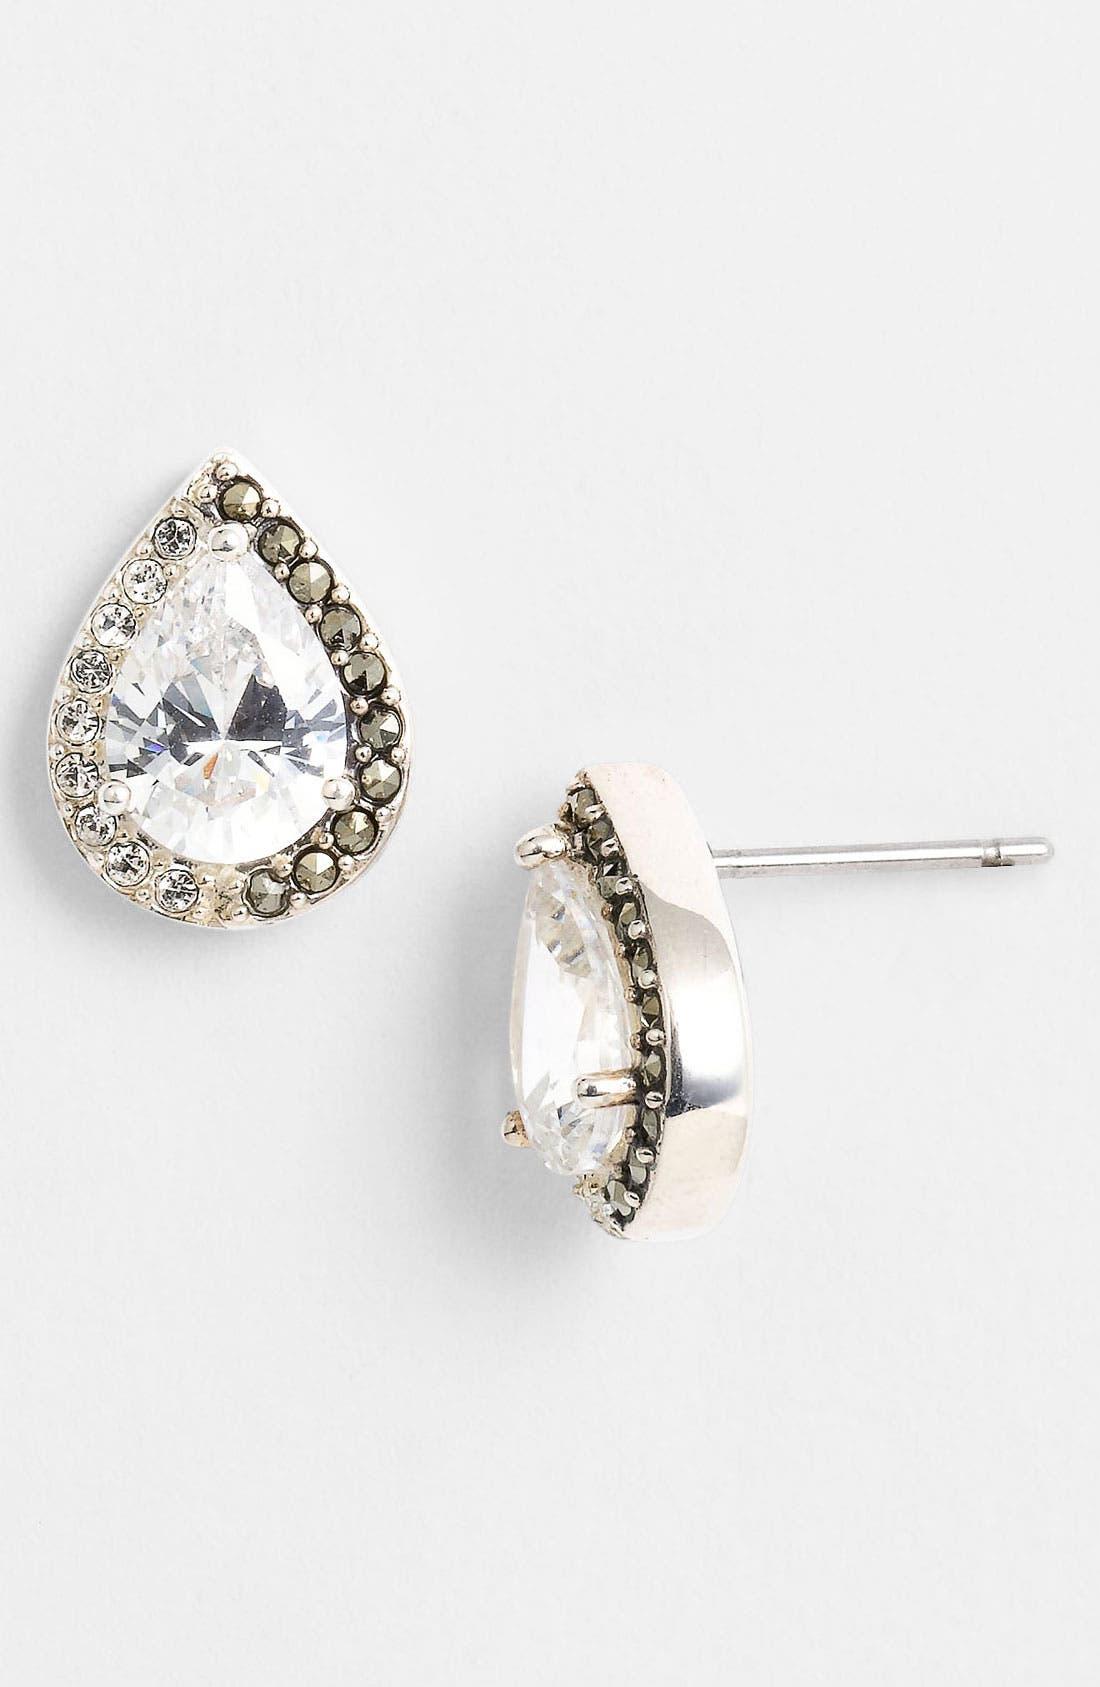 Alternate Image 1 Selected - Judith Jack 'Amore' Stud Earrings